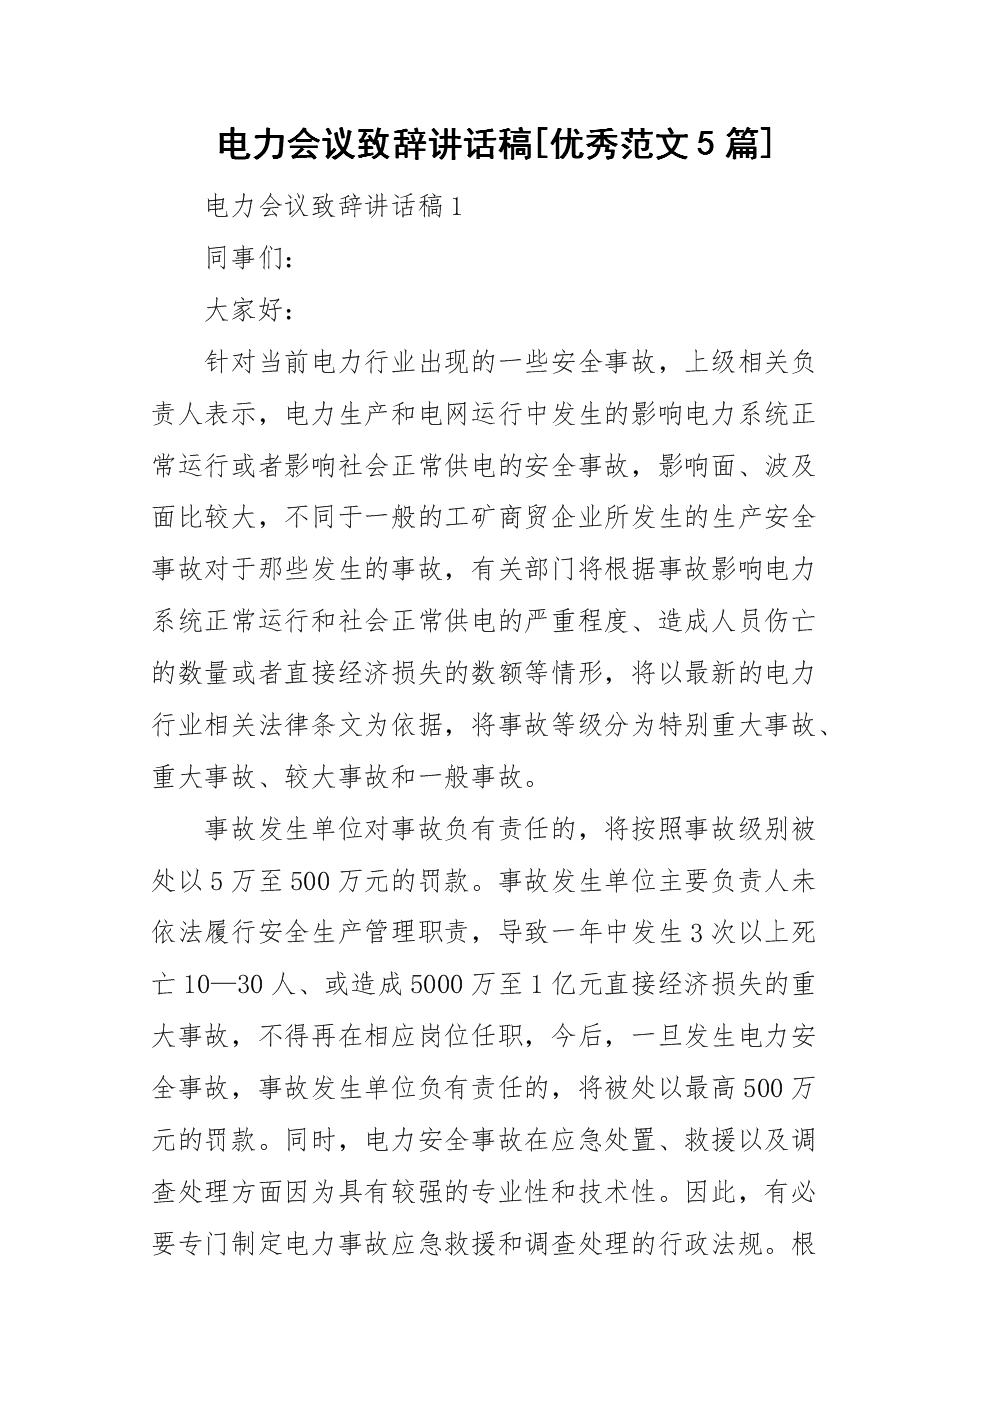 电力会议致辞讲话稿[优秀范文5篇].doc